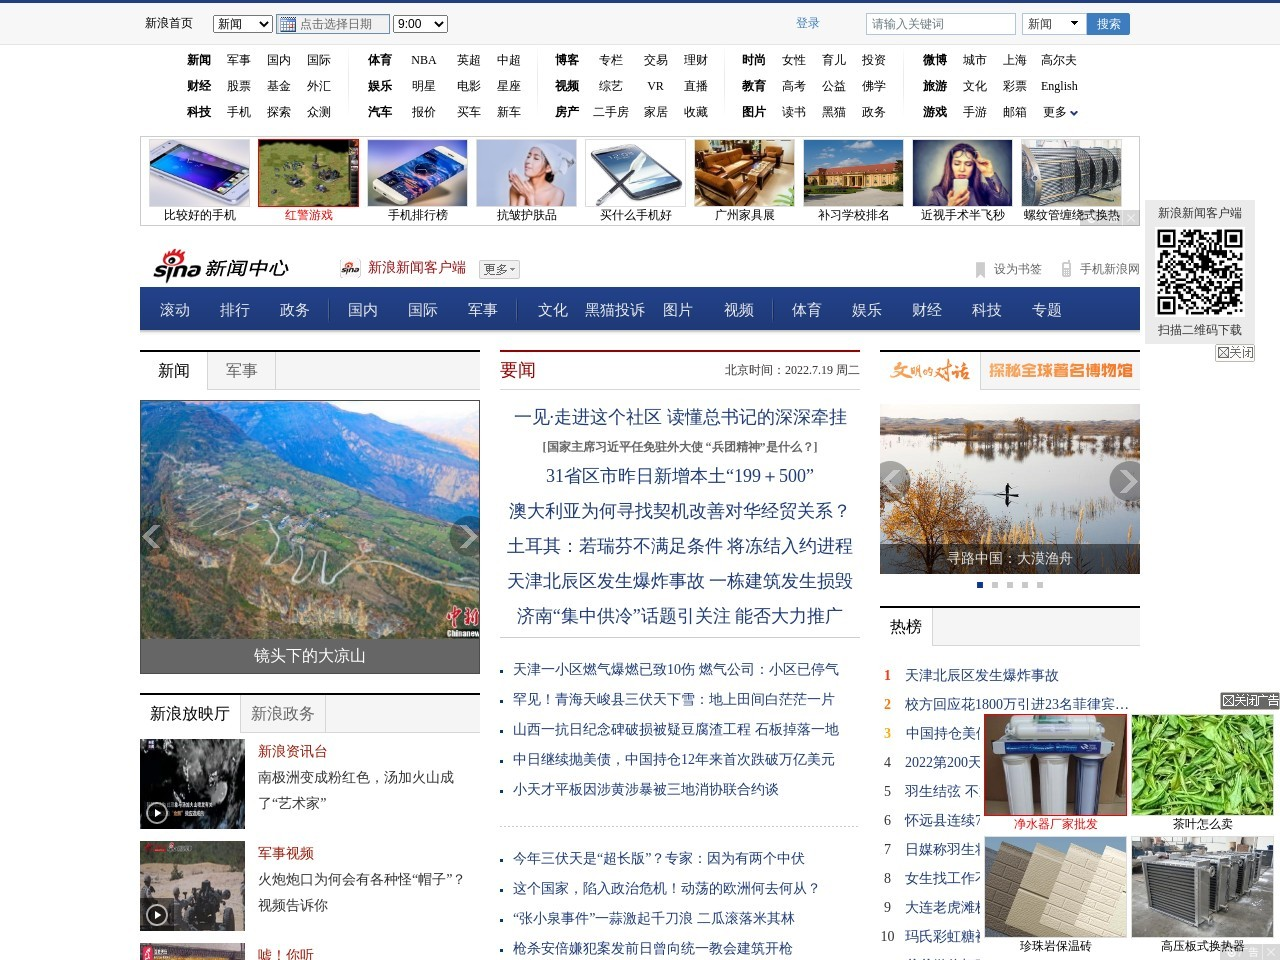 12306今日推出新功能 老年人购买车票更方便_新浪新闻